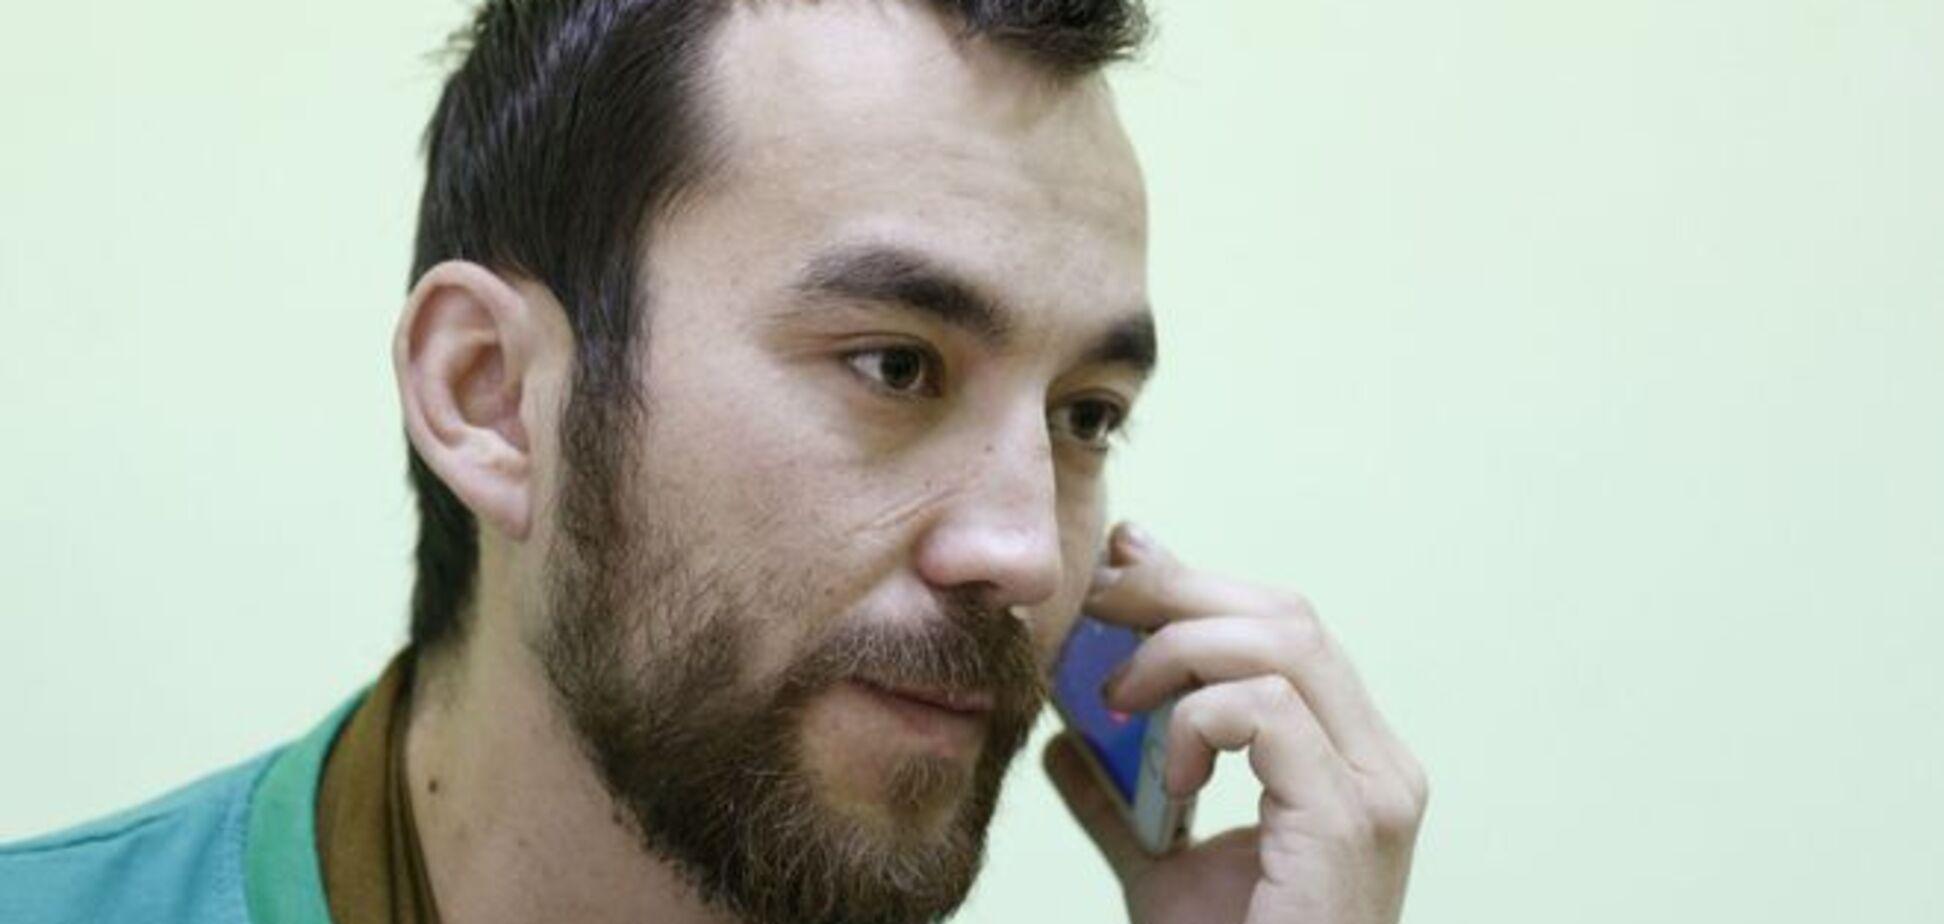 В одном изоляторе с Пукачем: СМИ выясняли, в каких условиях содержат пленных ГРУшников